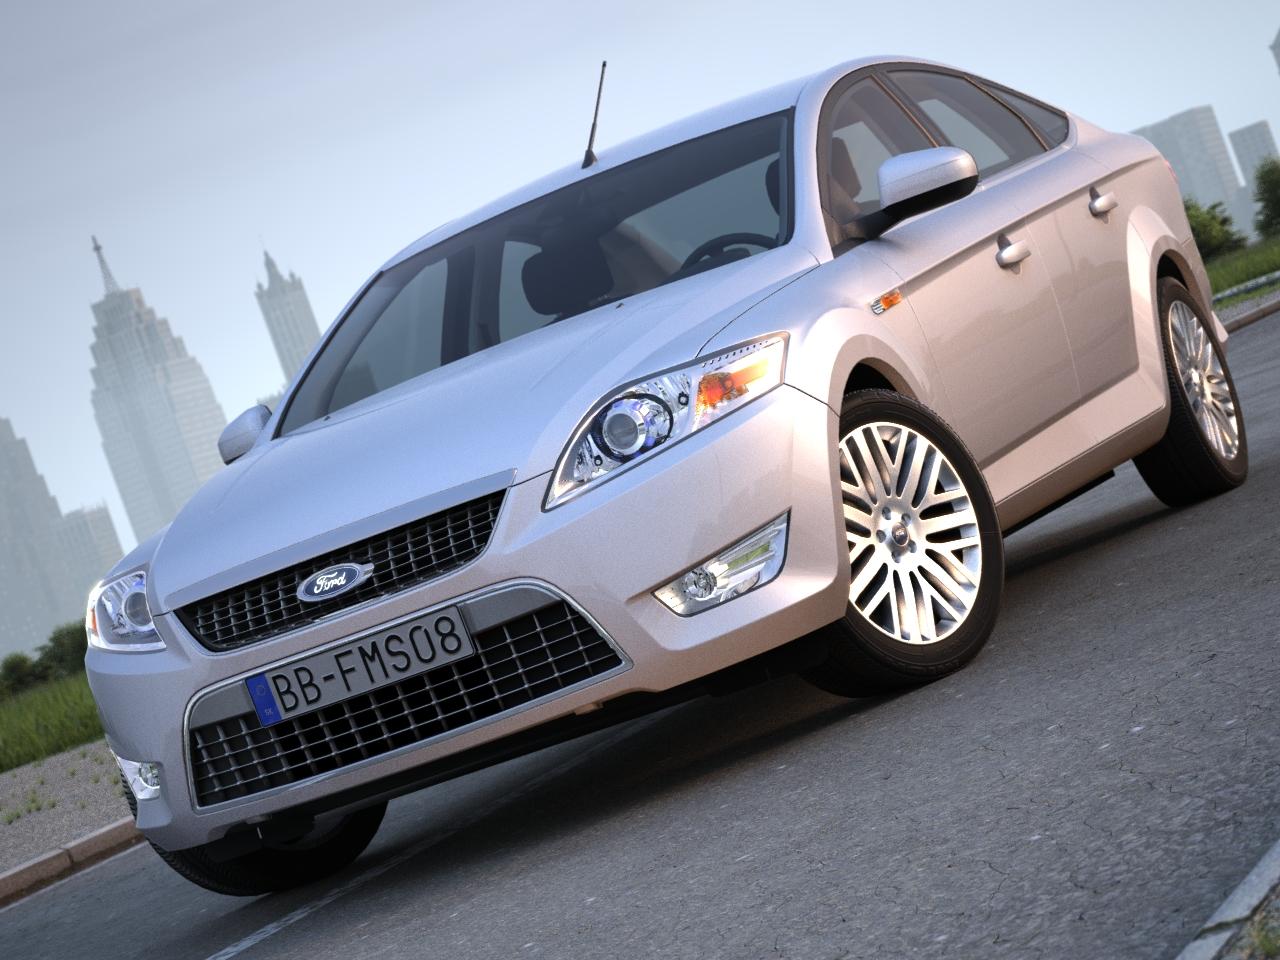 mondeo sedan (2009) 3d model 3ds max fbx c4d obj 88618